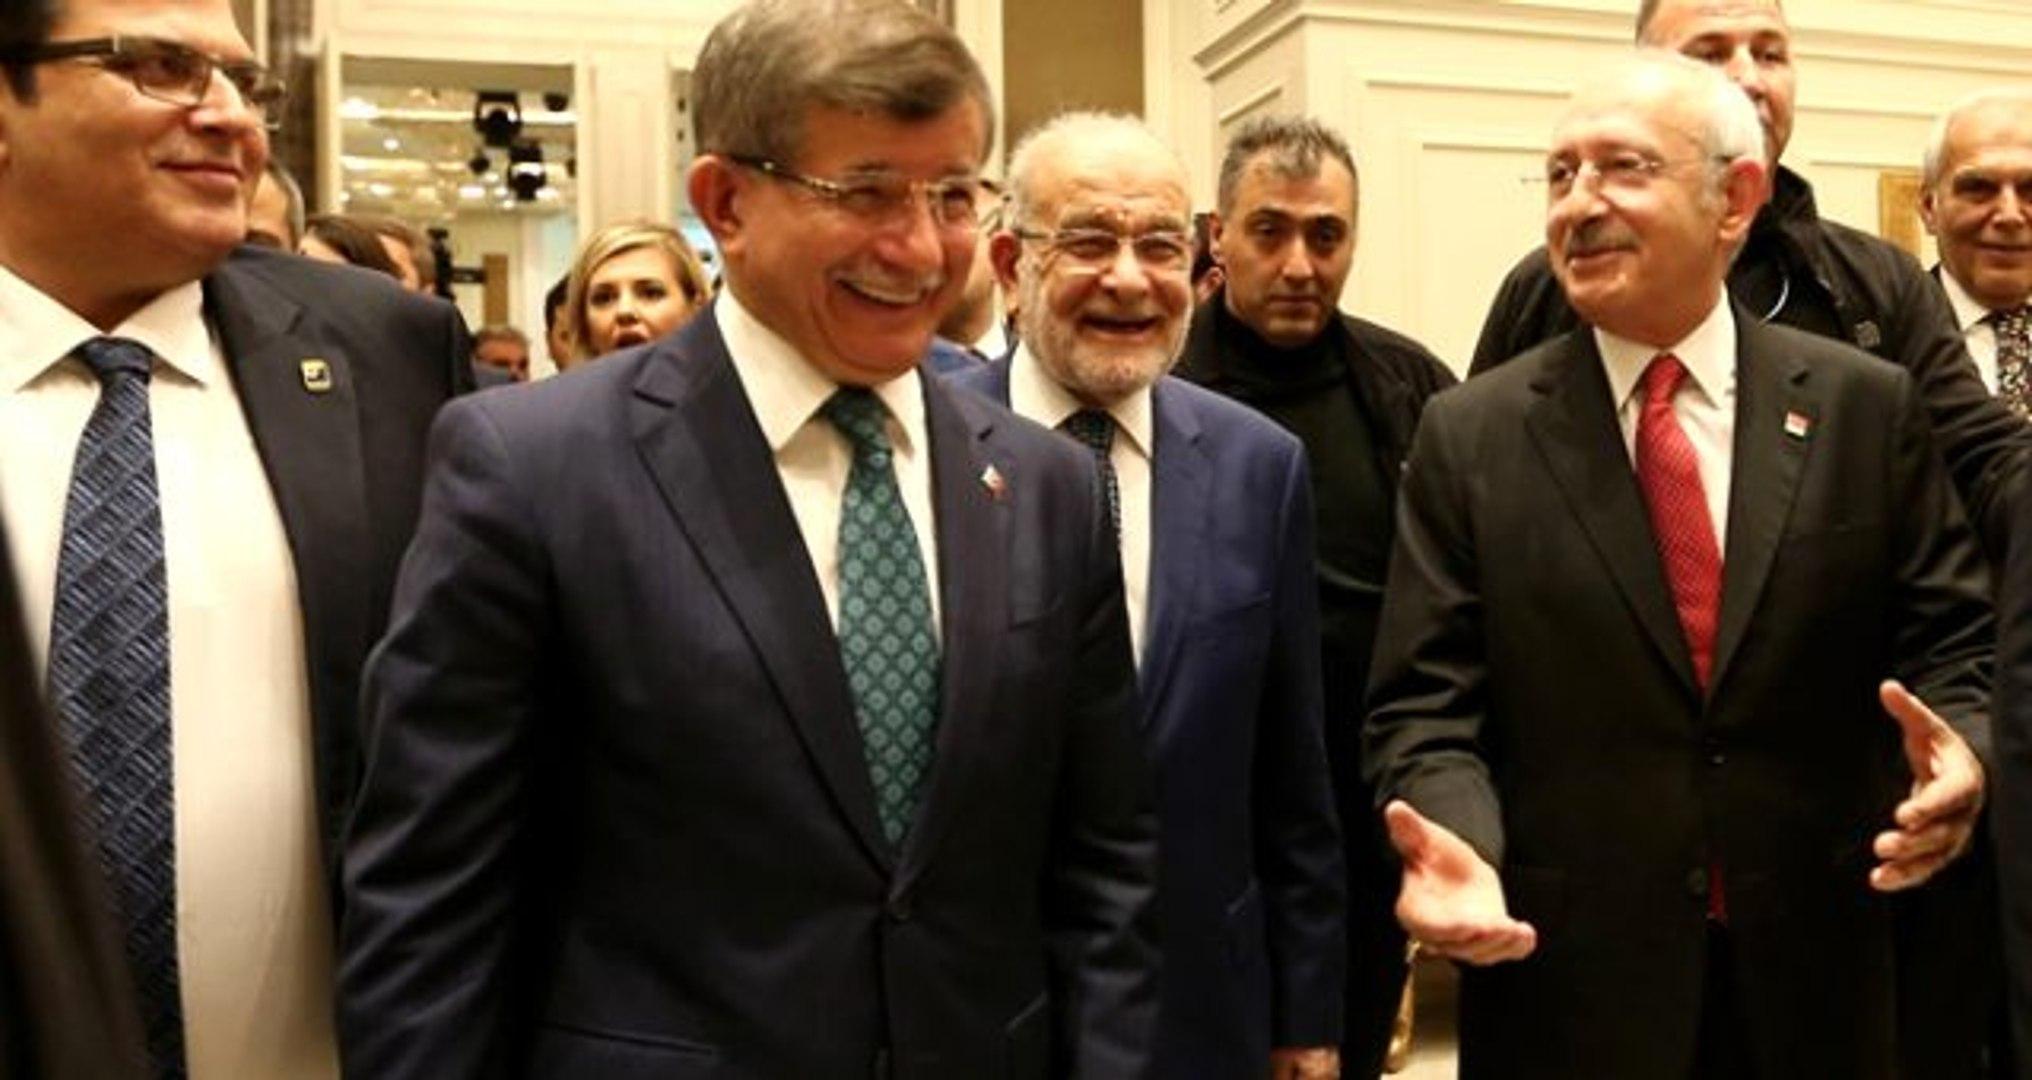 Kılıçdaroğlu, Davutoğlu'ndan övgüyle bahsetti, Davutoğlu alkışla karşılık verdi - Dailymotion Video